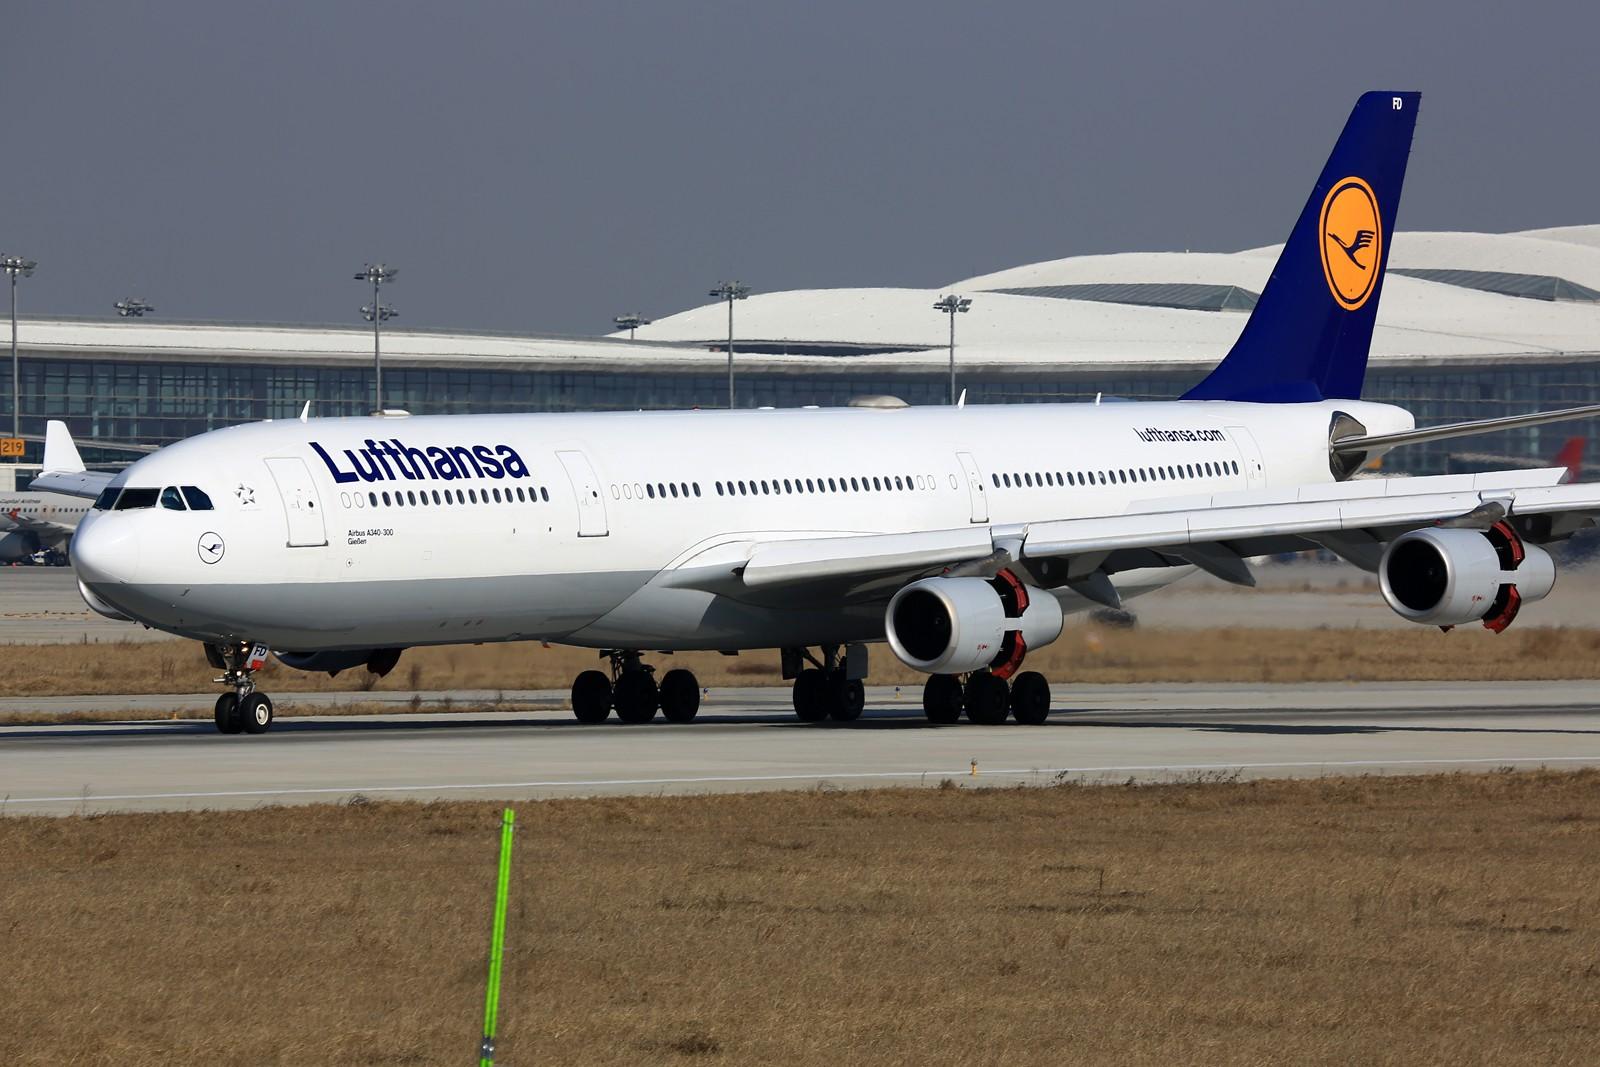 Re:[原创]【NKG】**********2015新年好!南跑25头新拍机位:华航744吉米彩绘,汉莎343,东海738********** AIRBUS A340-300 D-AIFD 中国南京禄口国际机场